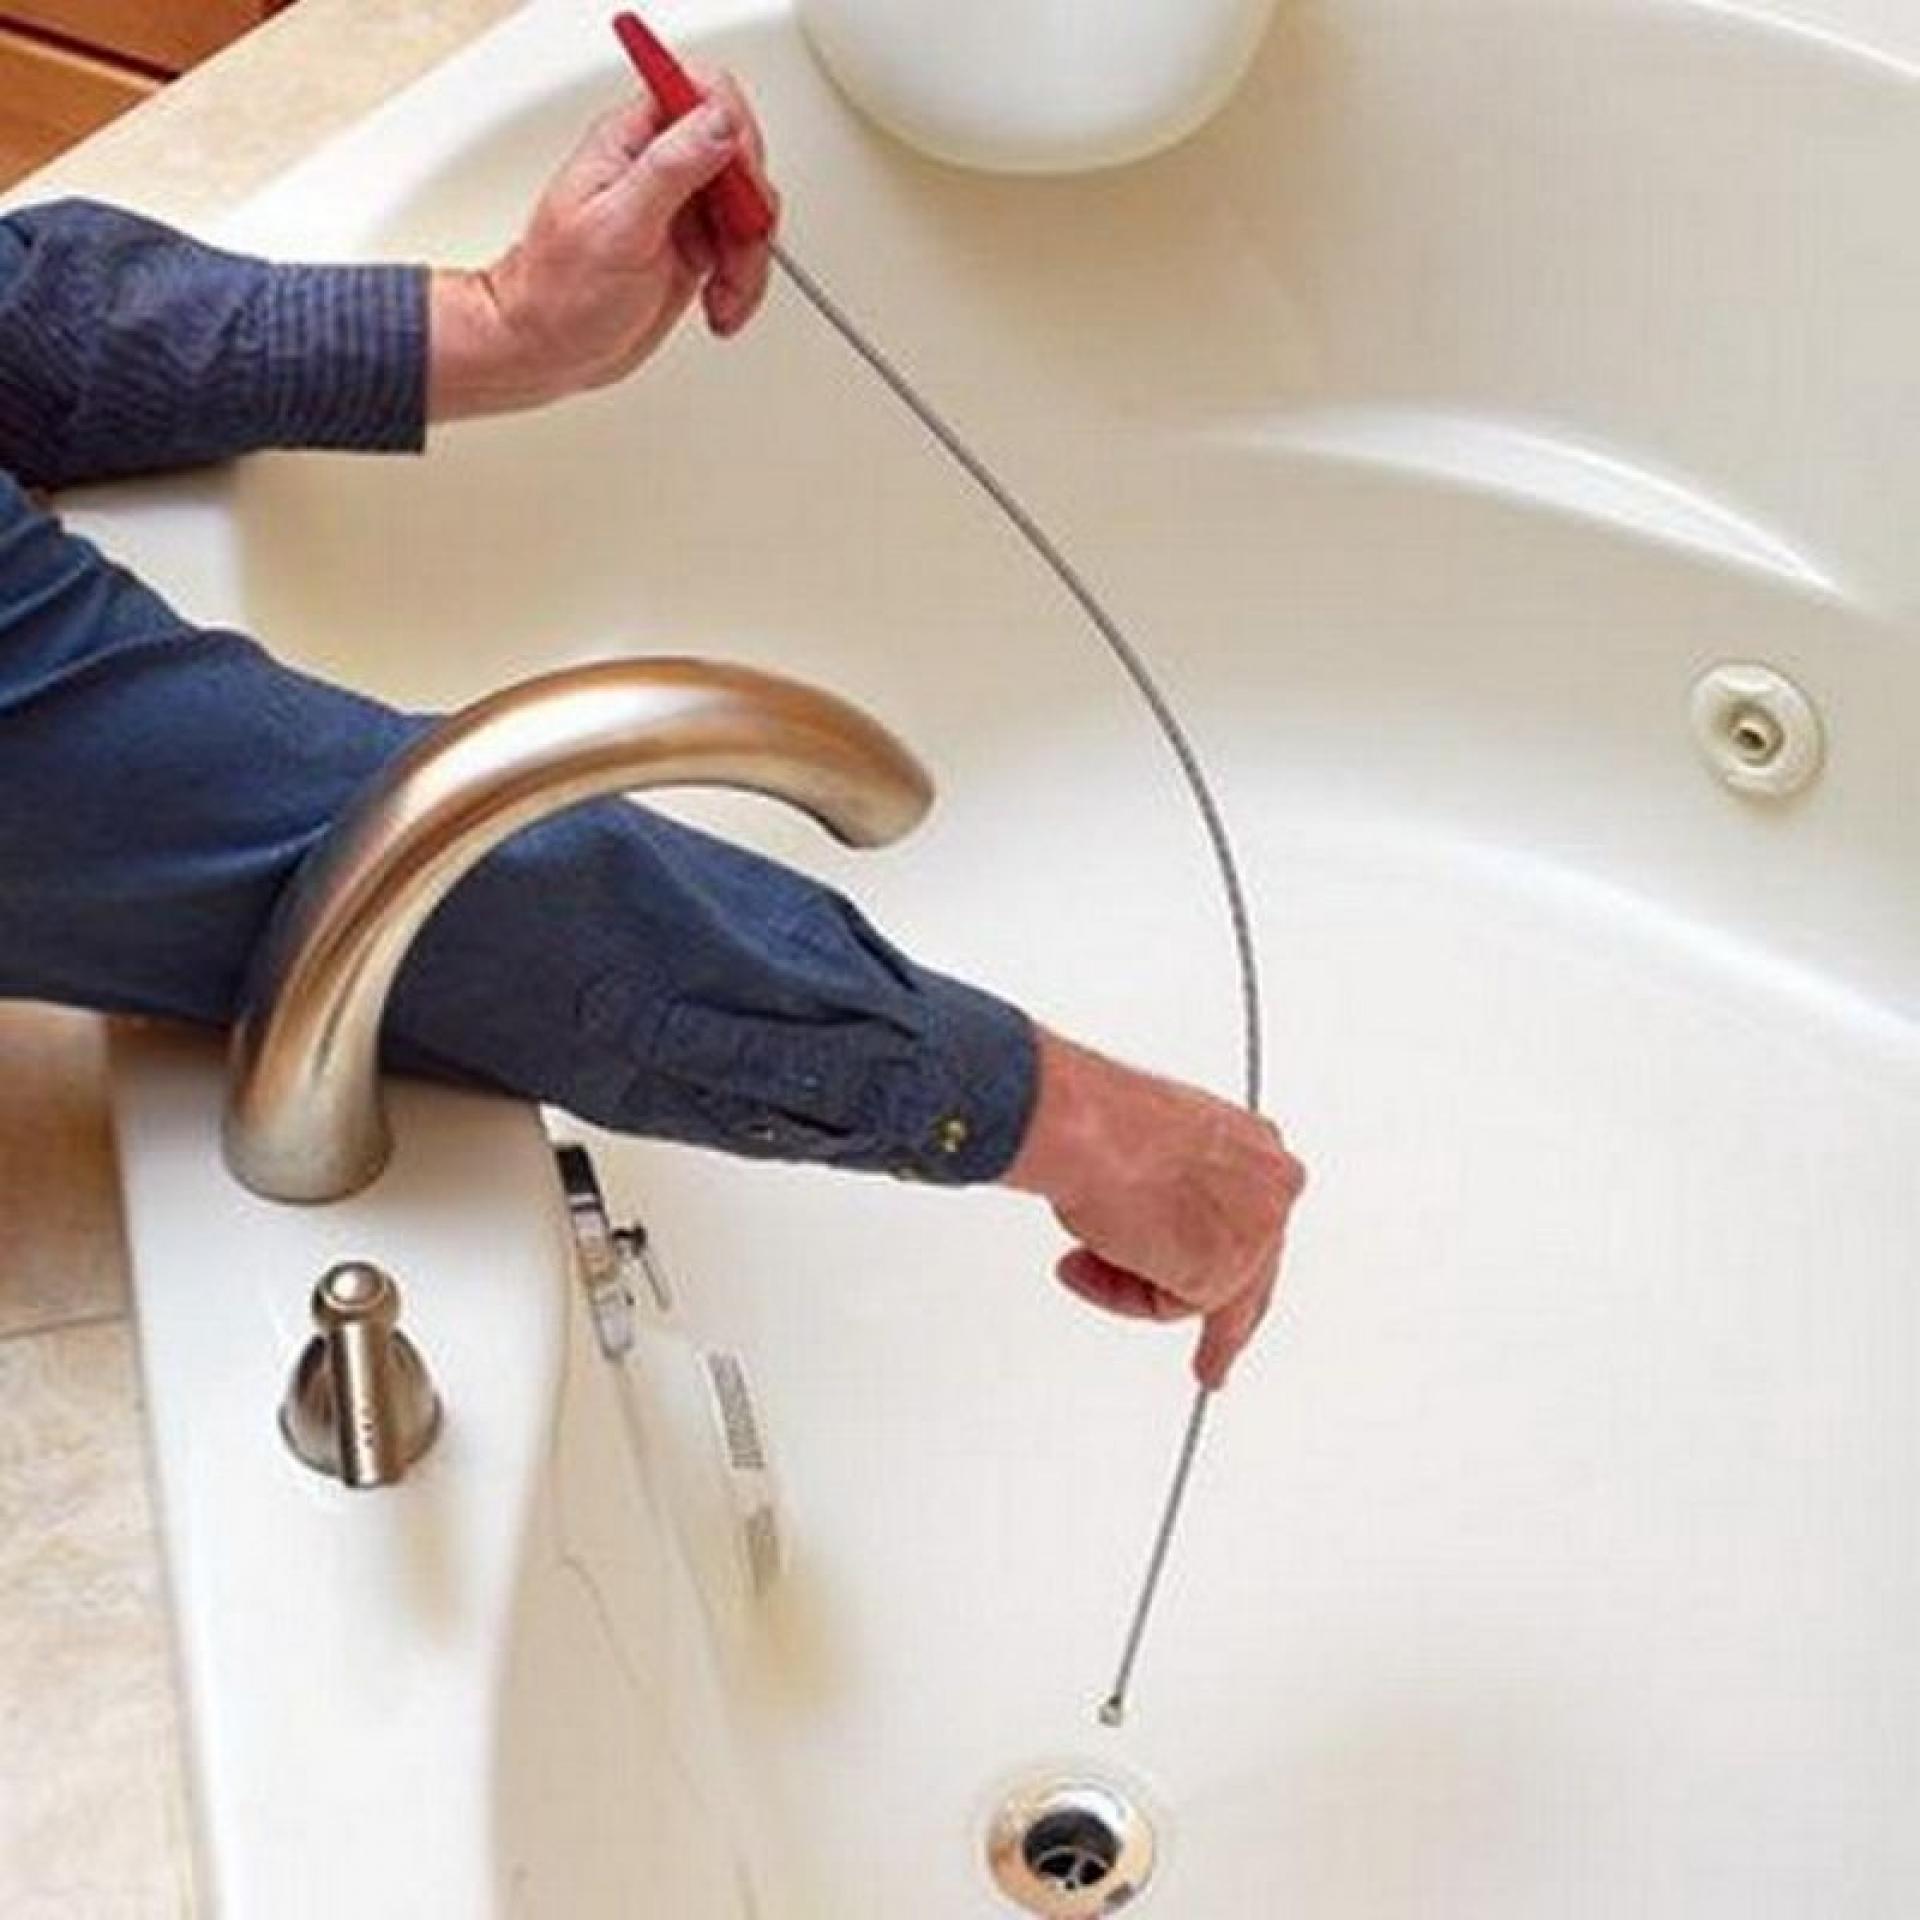 Трос для прочистки канализации